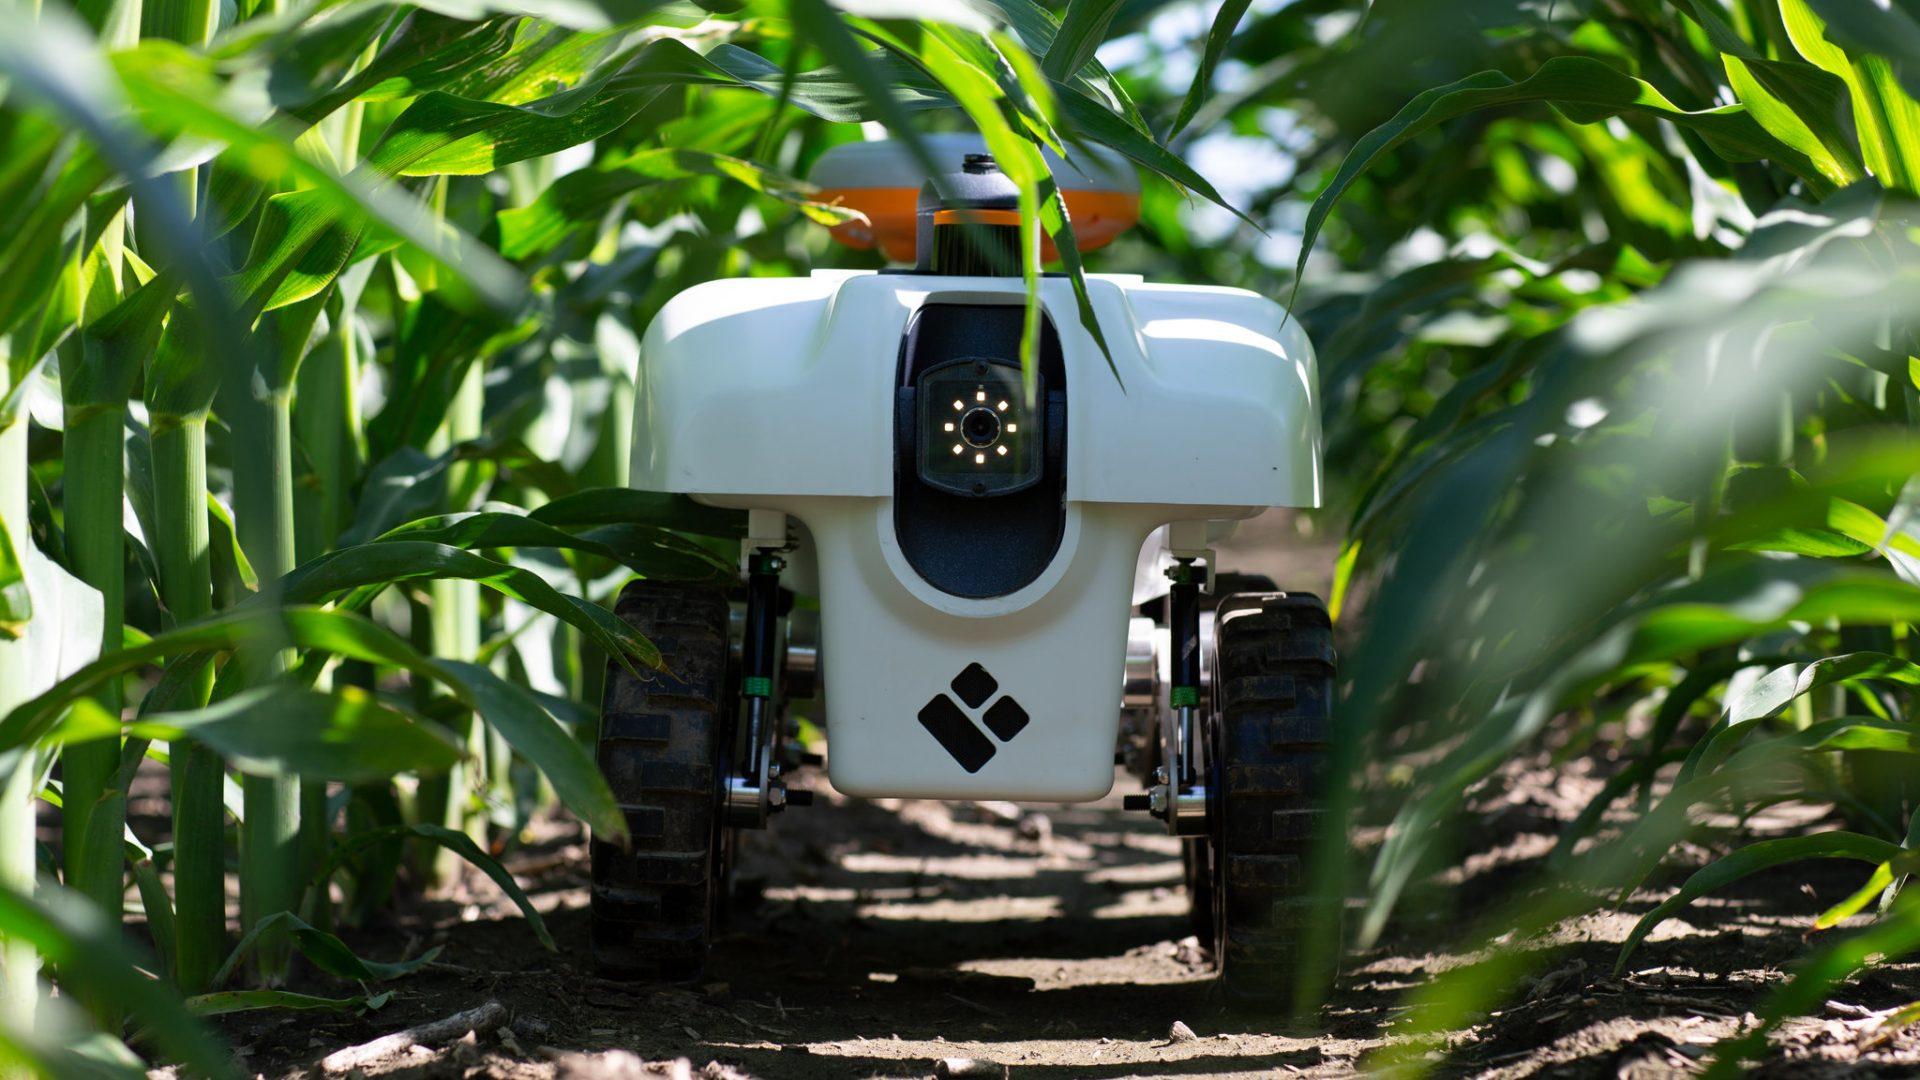 AgricultureInformation.com